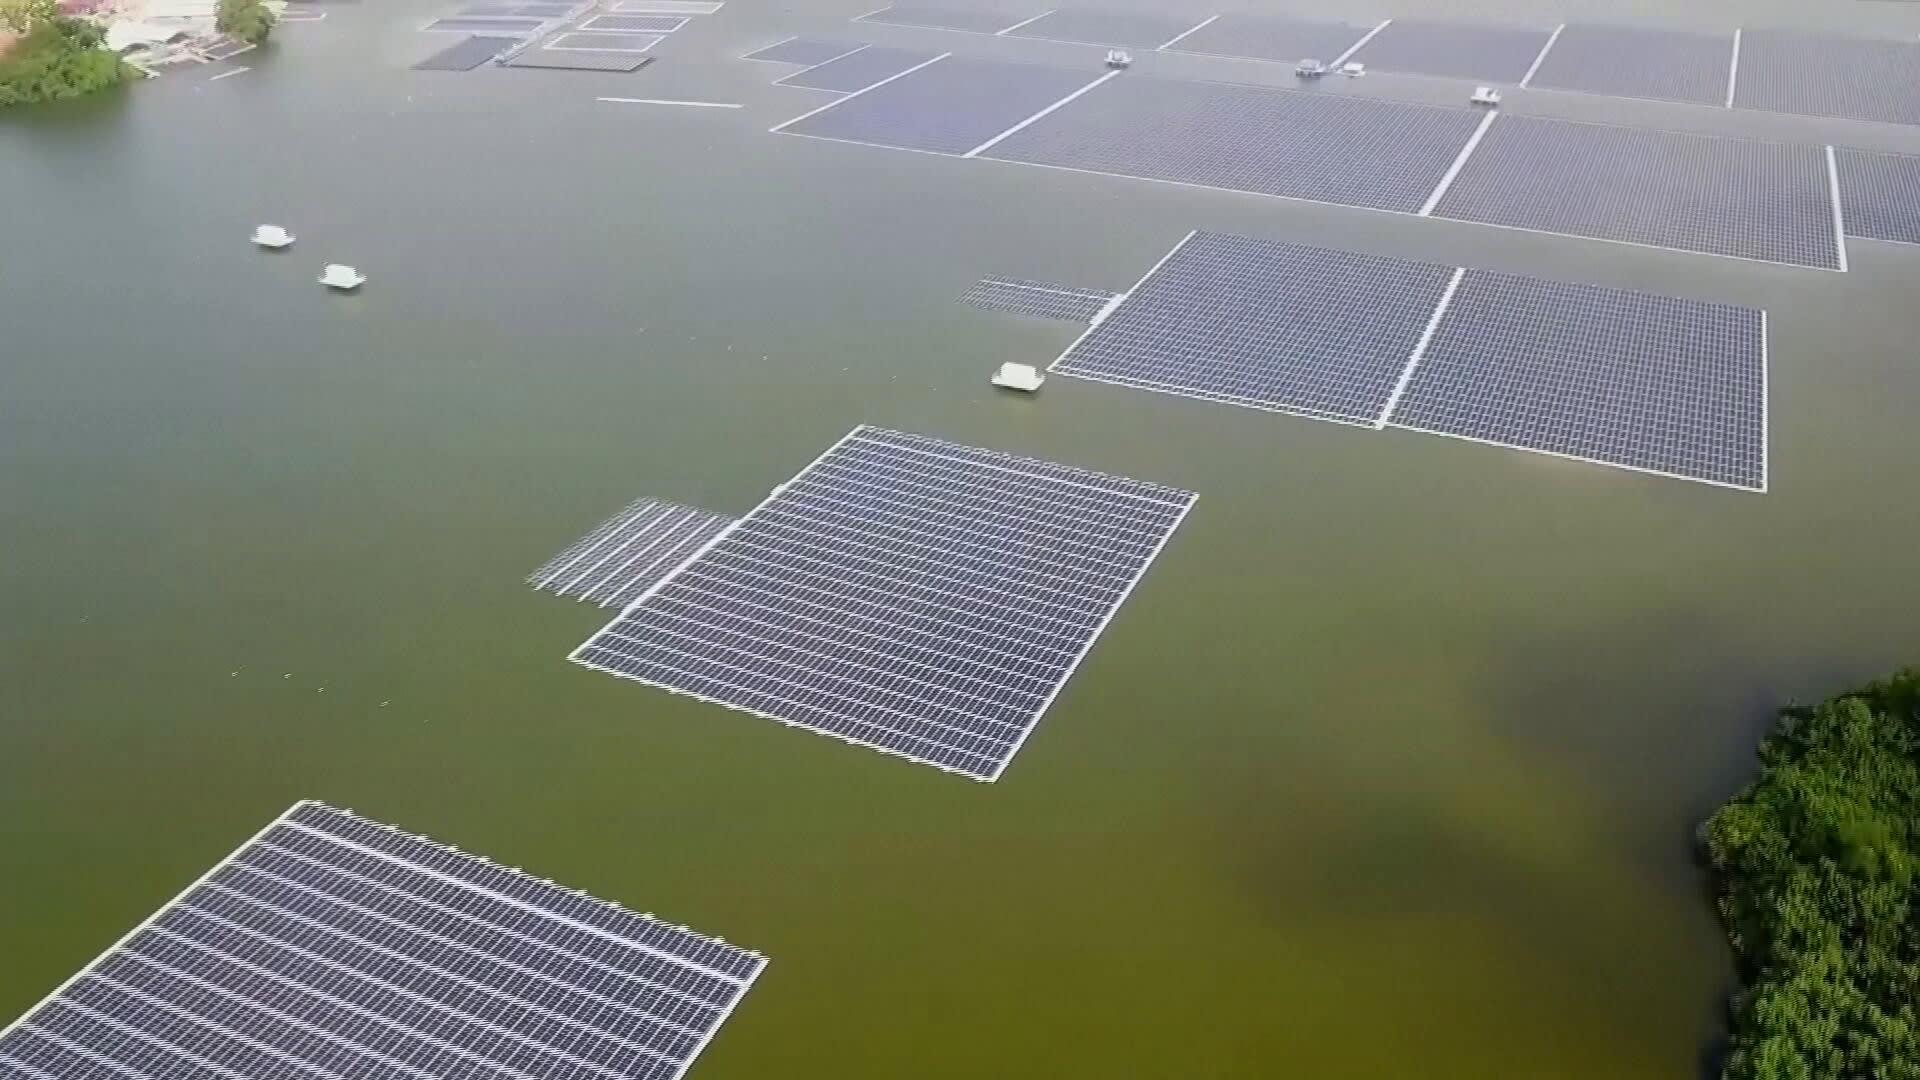 Singaporessa paljastettiin valtava kelluva aurinkovoimala